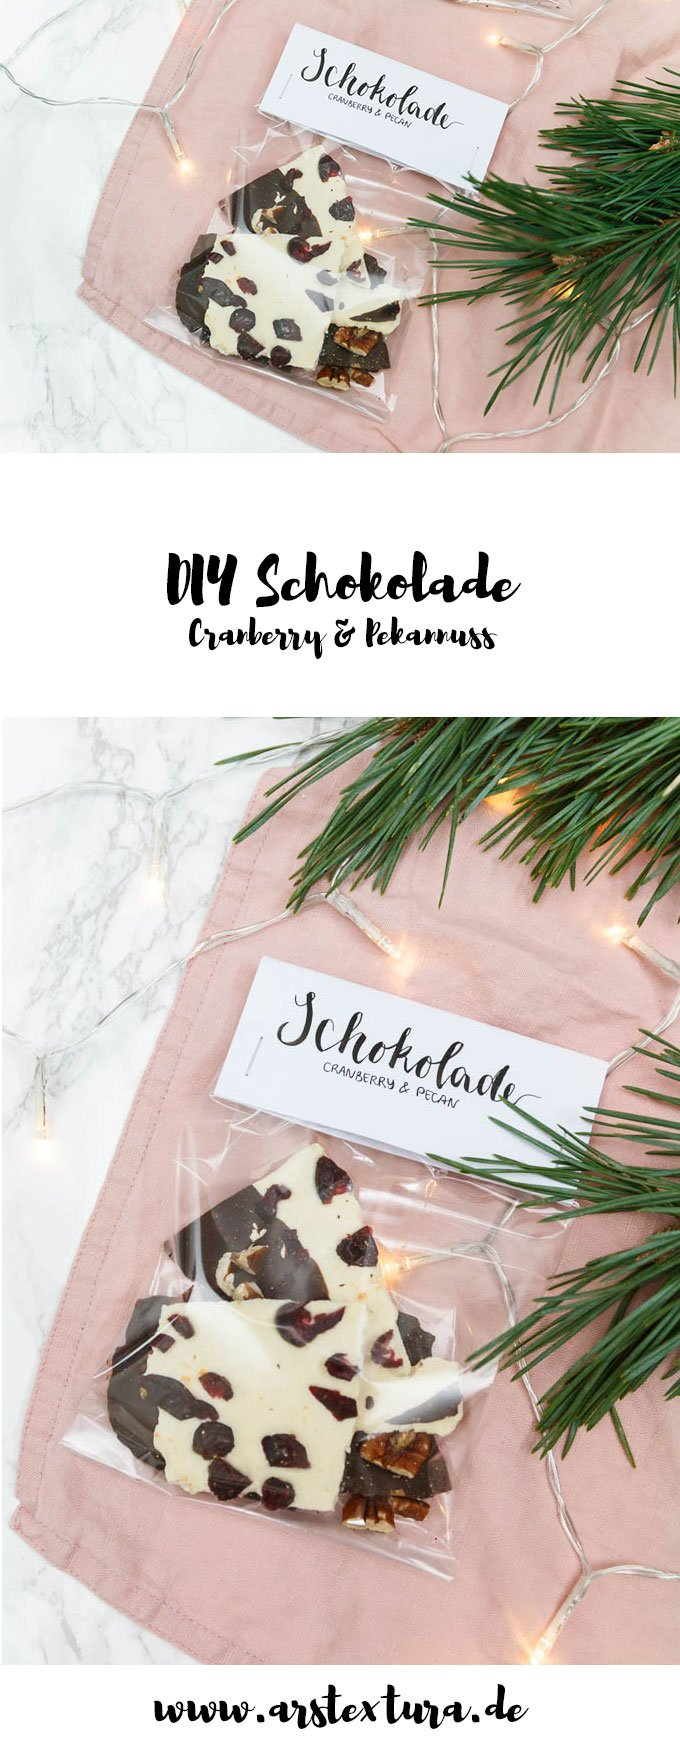 DIY selbstgemachte Schokolade verschenken - ein schönes DIY Geschenk zu Weihnachten für die ganze Familie